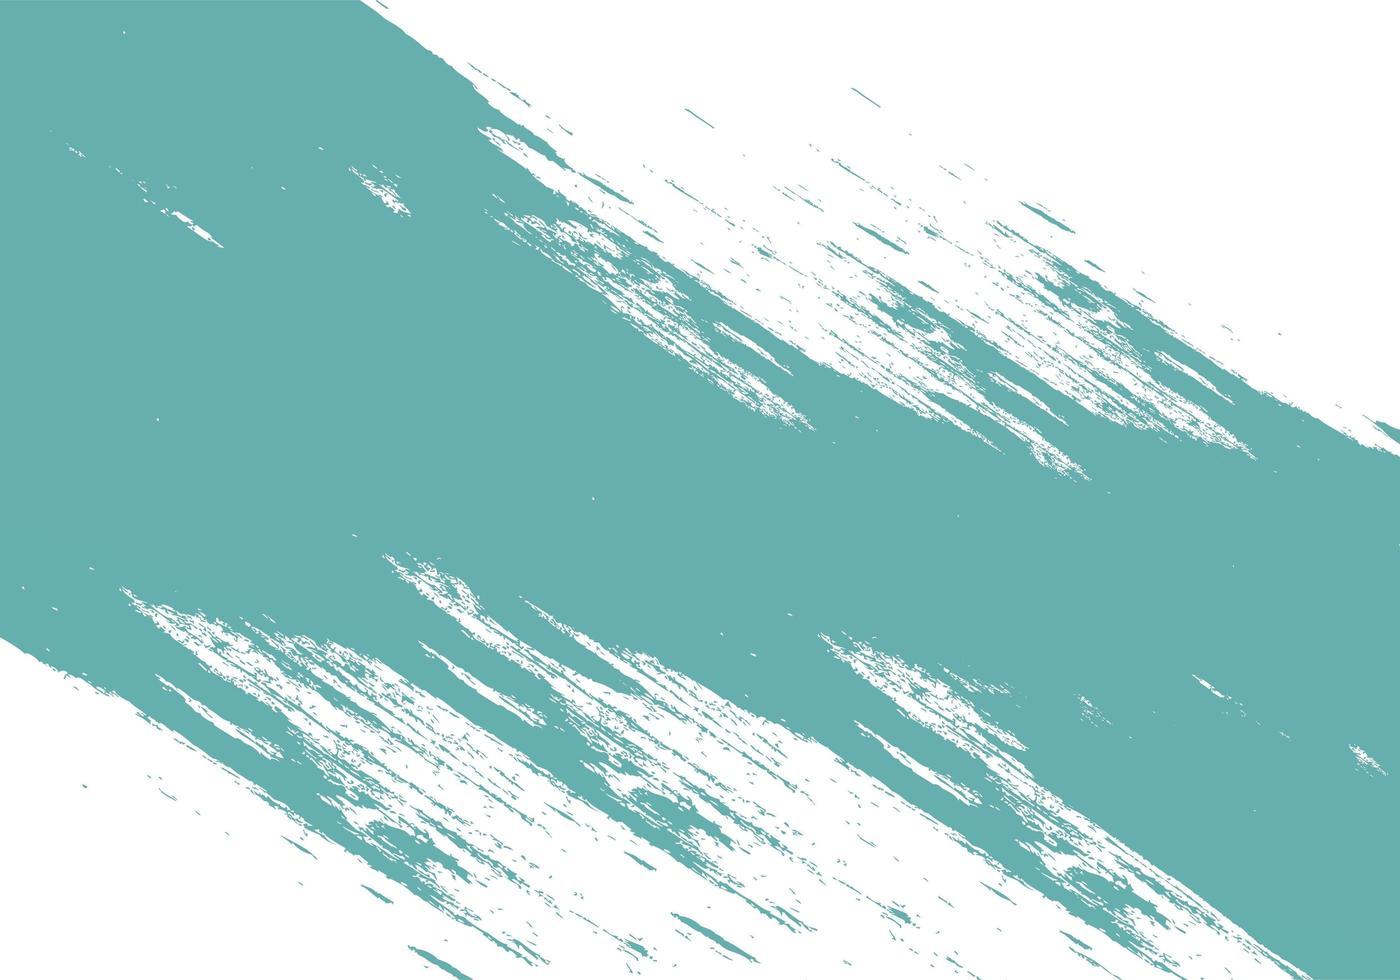 abstrakt kricka penseldrag konsistens vektor